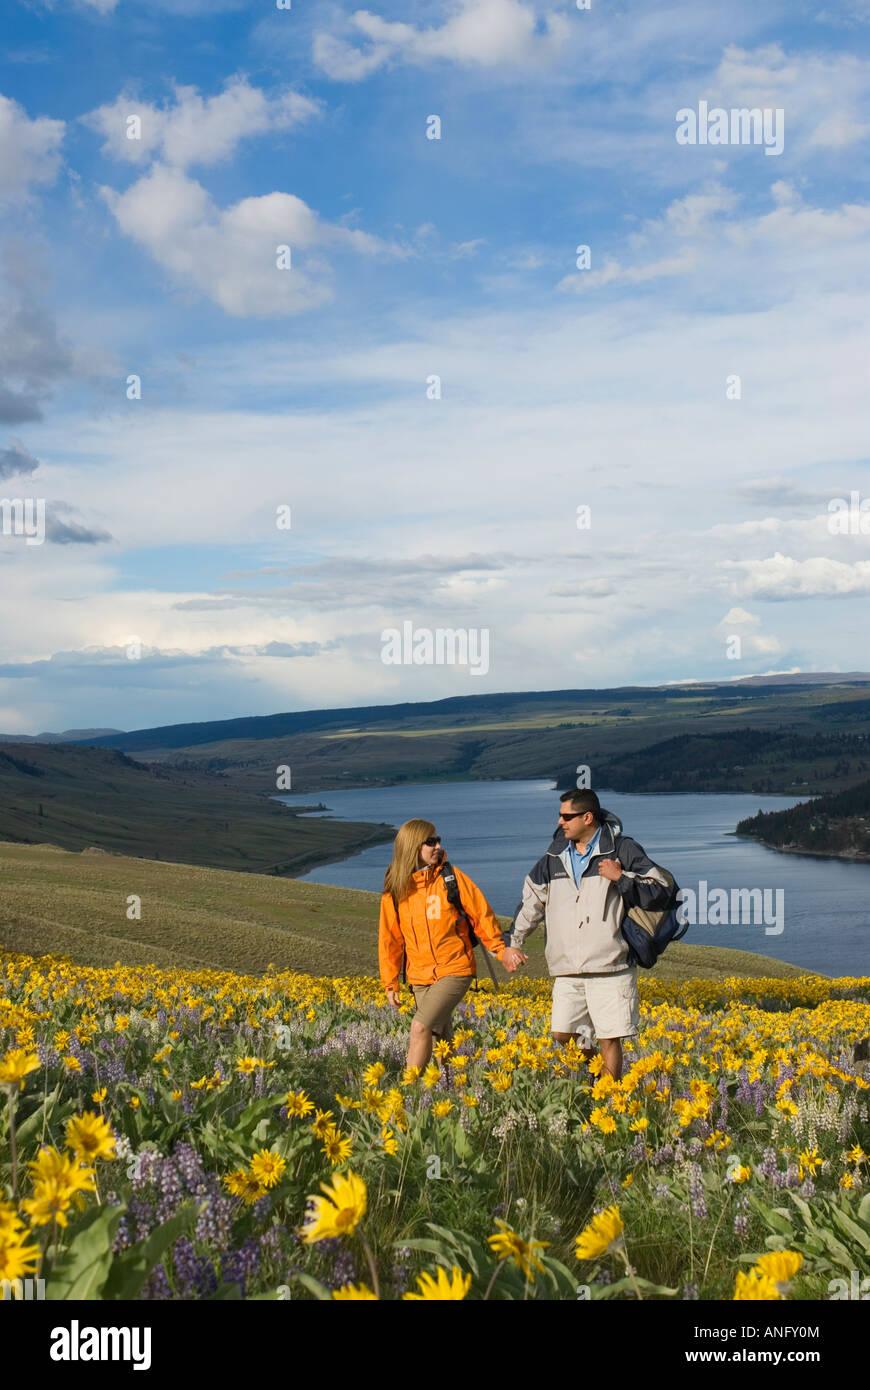 Una joven pareja disfruta de un romántico paseo a través de flores silvestres en plena floración Imagen De Stock